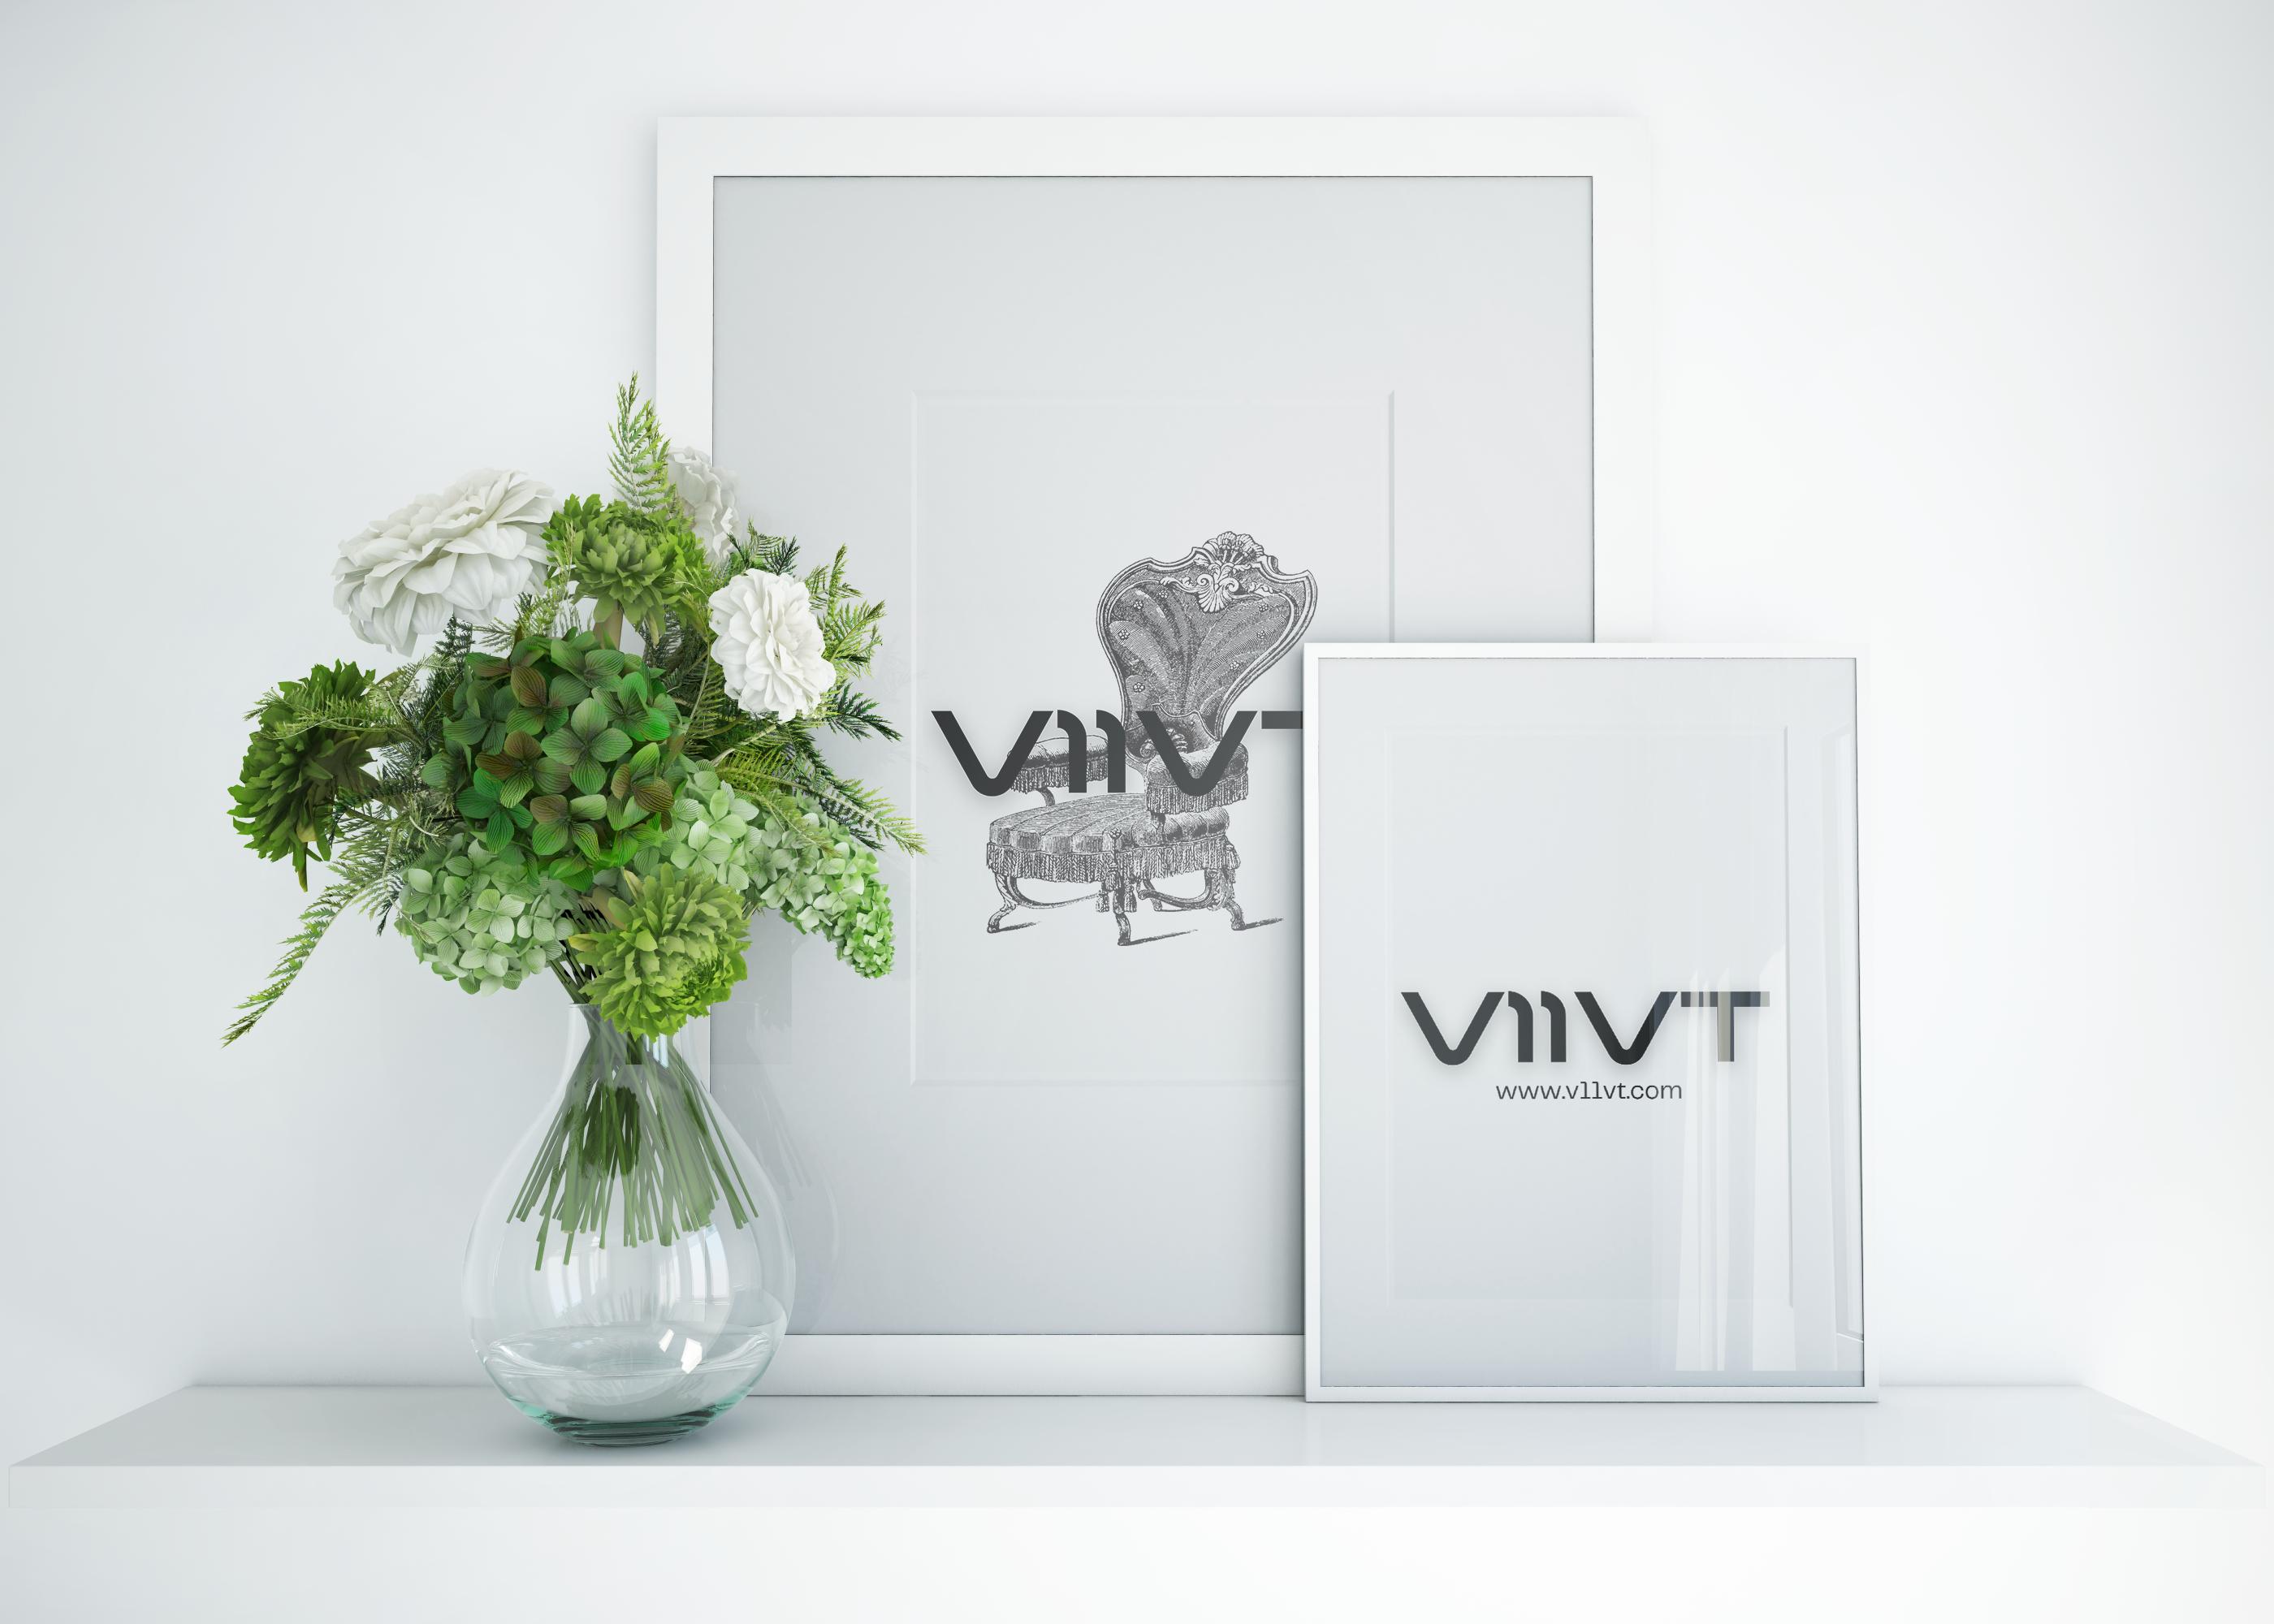 vtt1 and v11vt.com Photo Frame